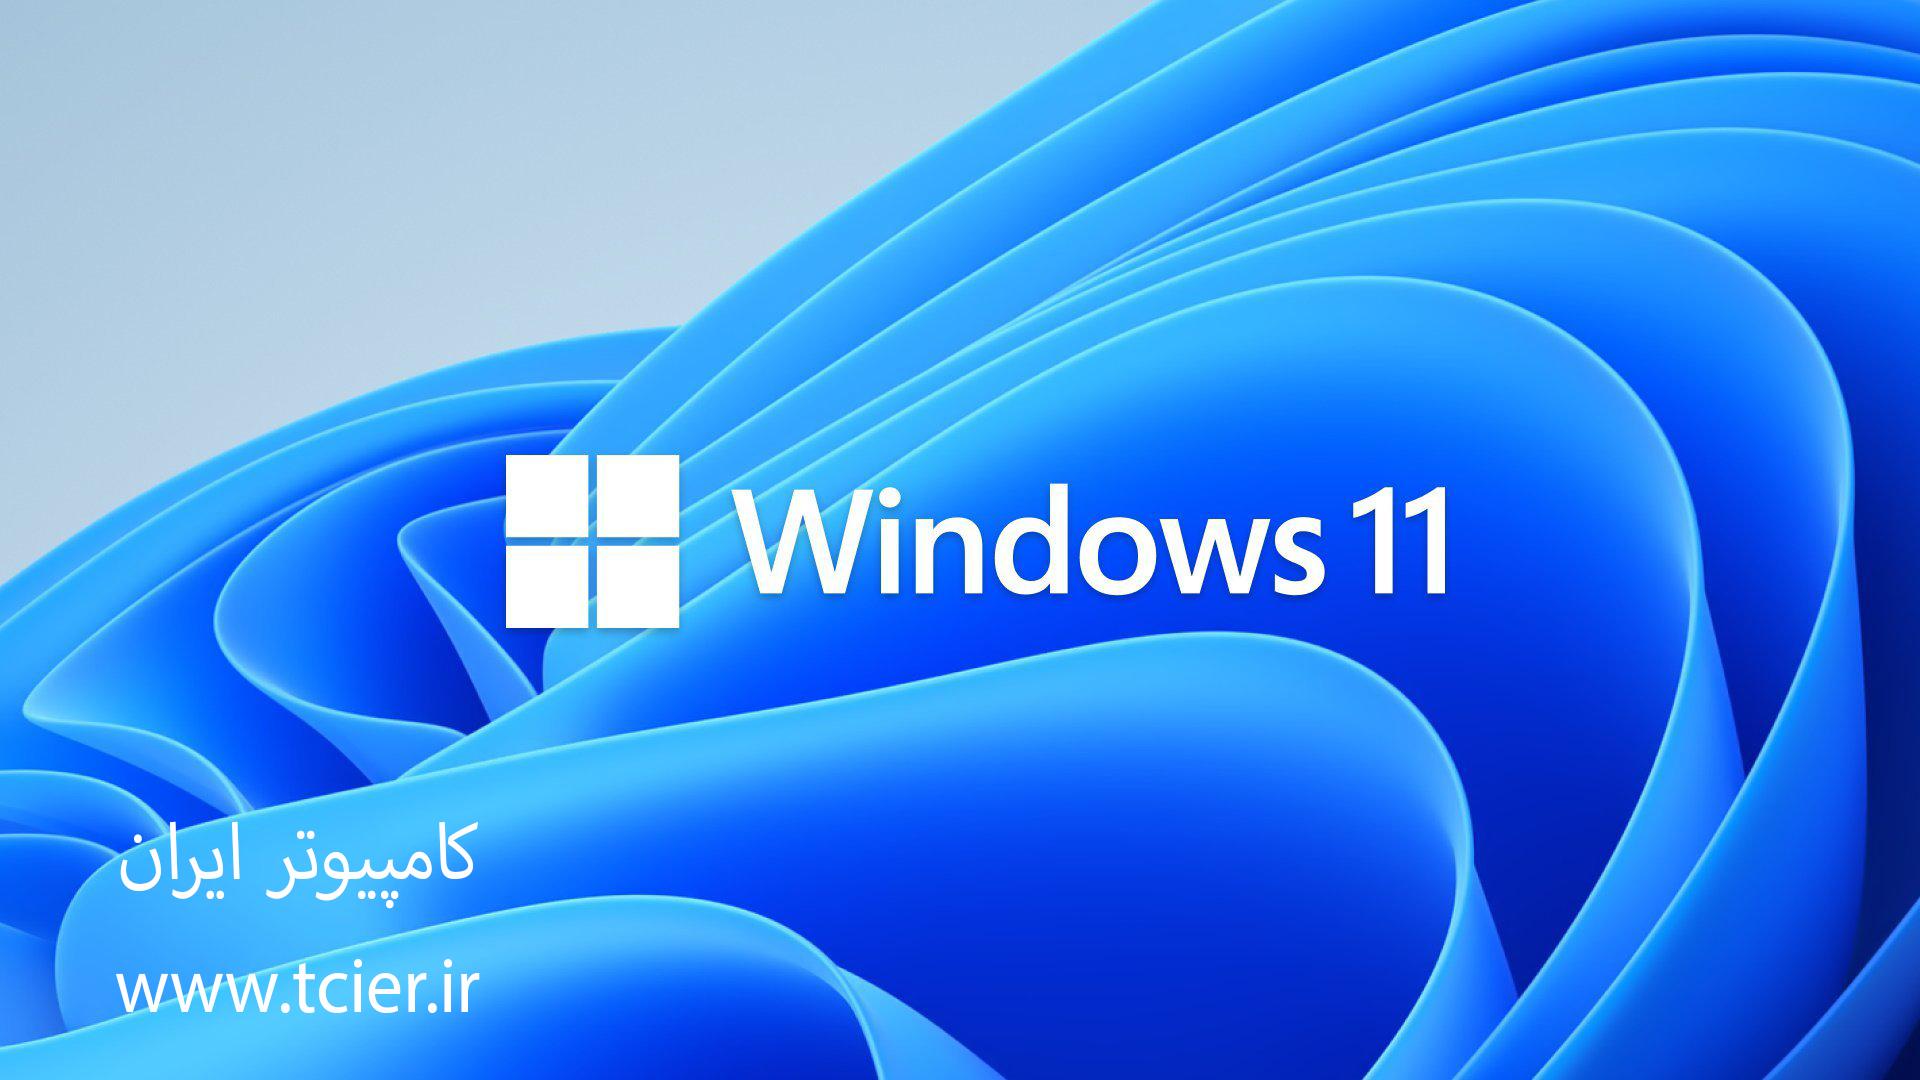 سیستم مورد نیاز ویندوز 11 | حداقل و ایده آل ترین سیستم برای نصب Windows 11